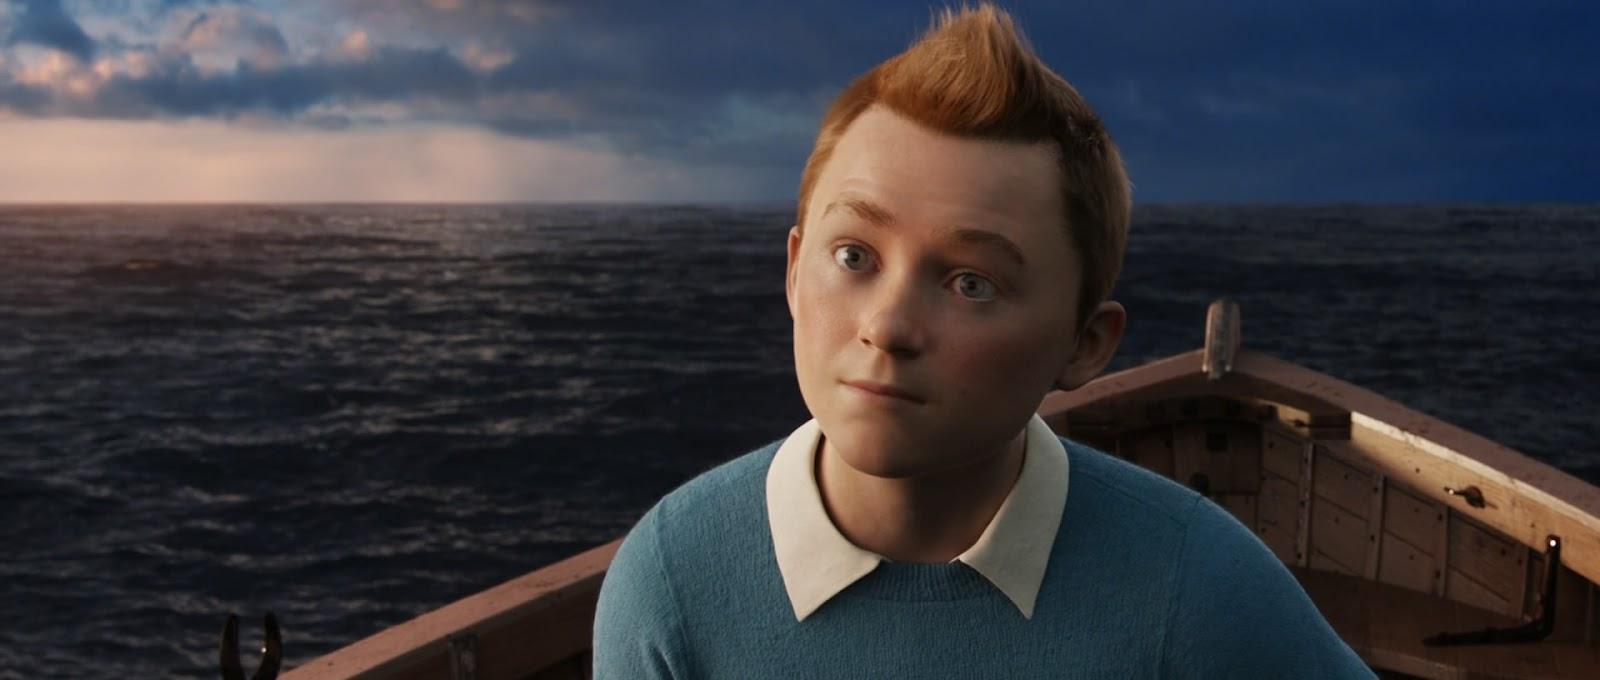 Adventures Of Tintin Full Movie